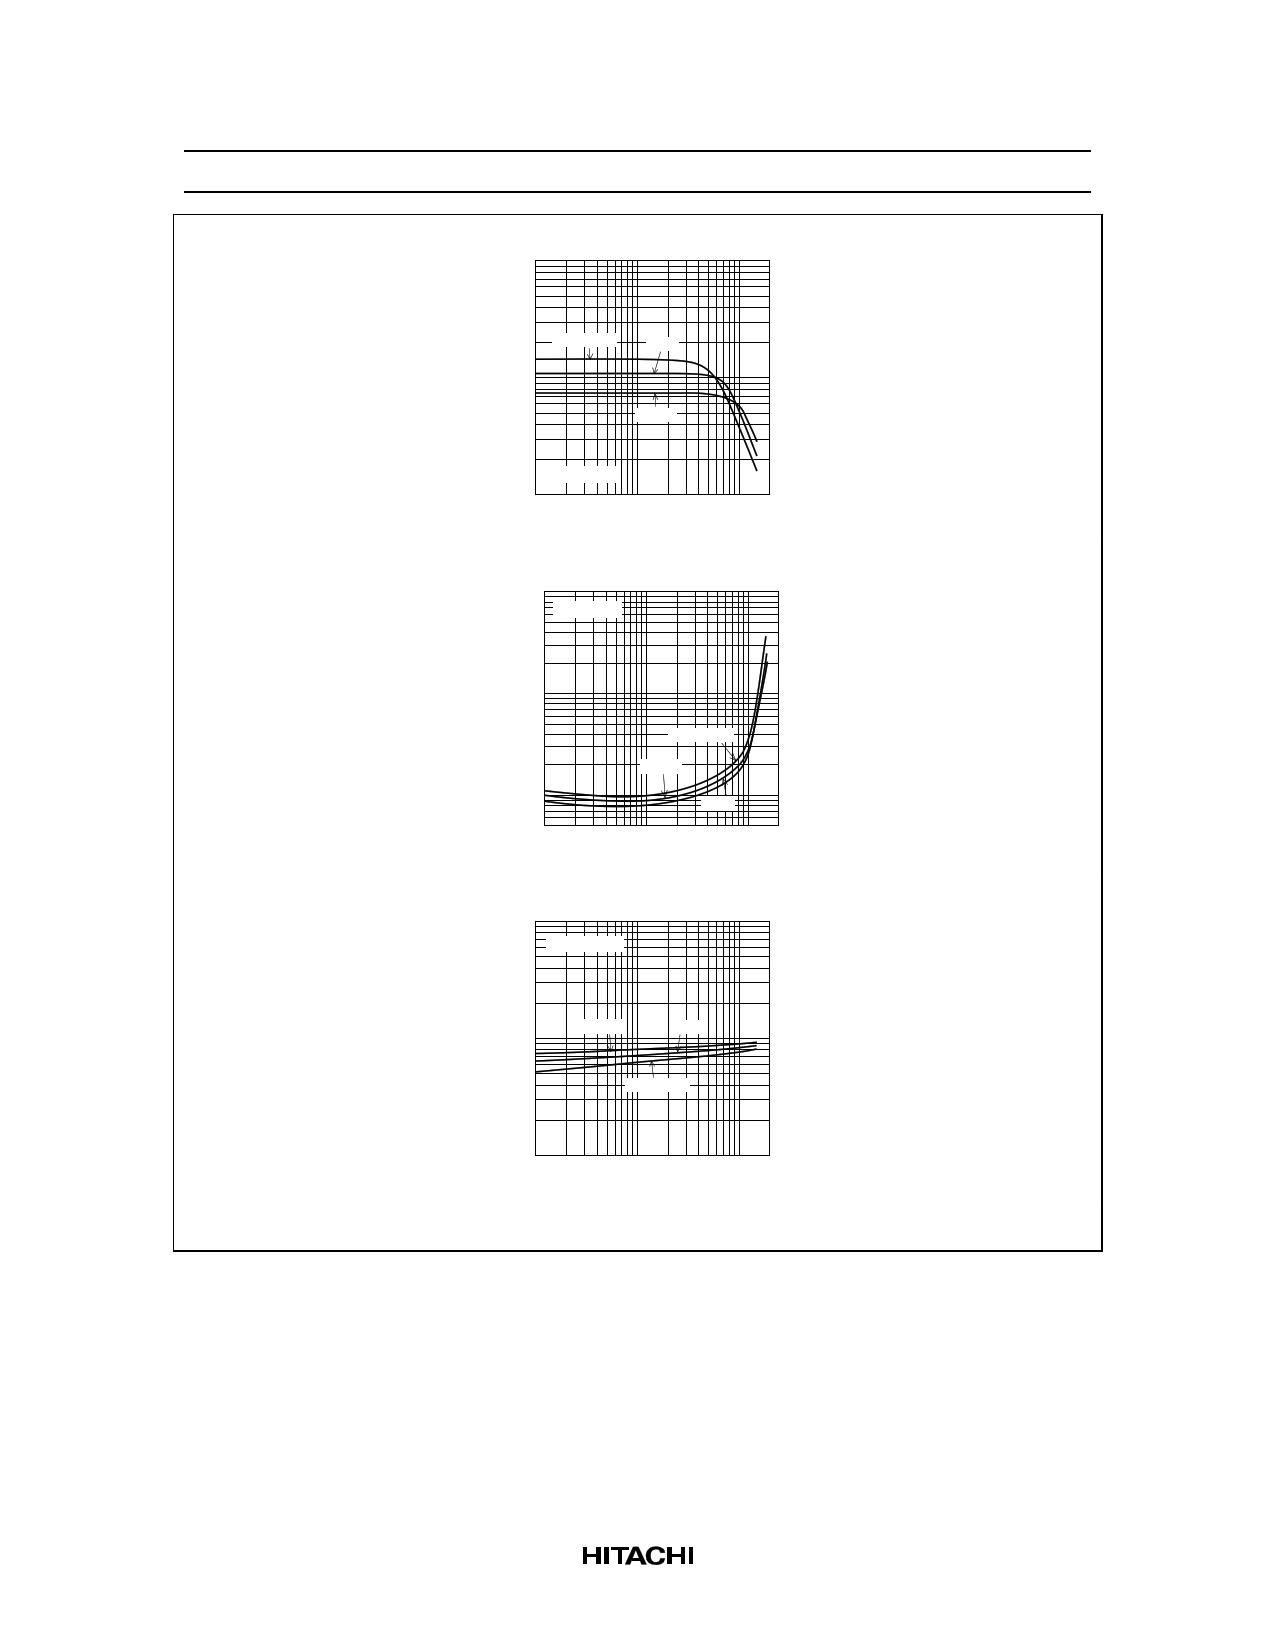 C5237 pdf, 전자부품, 반도체, 판매, 대치품